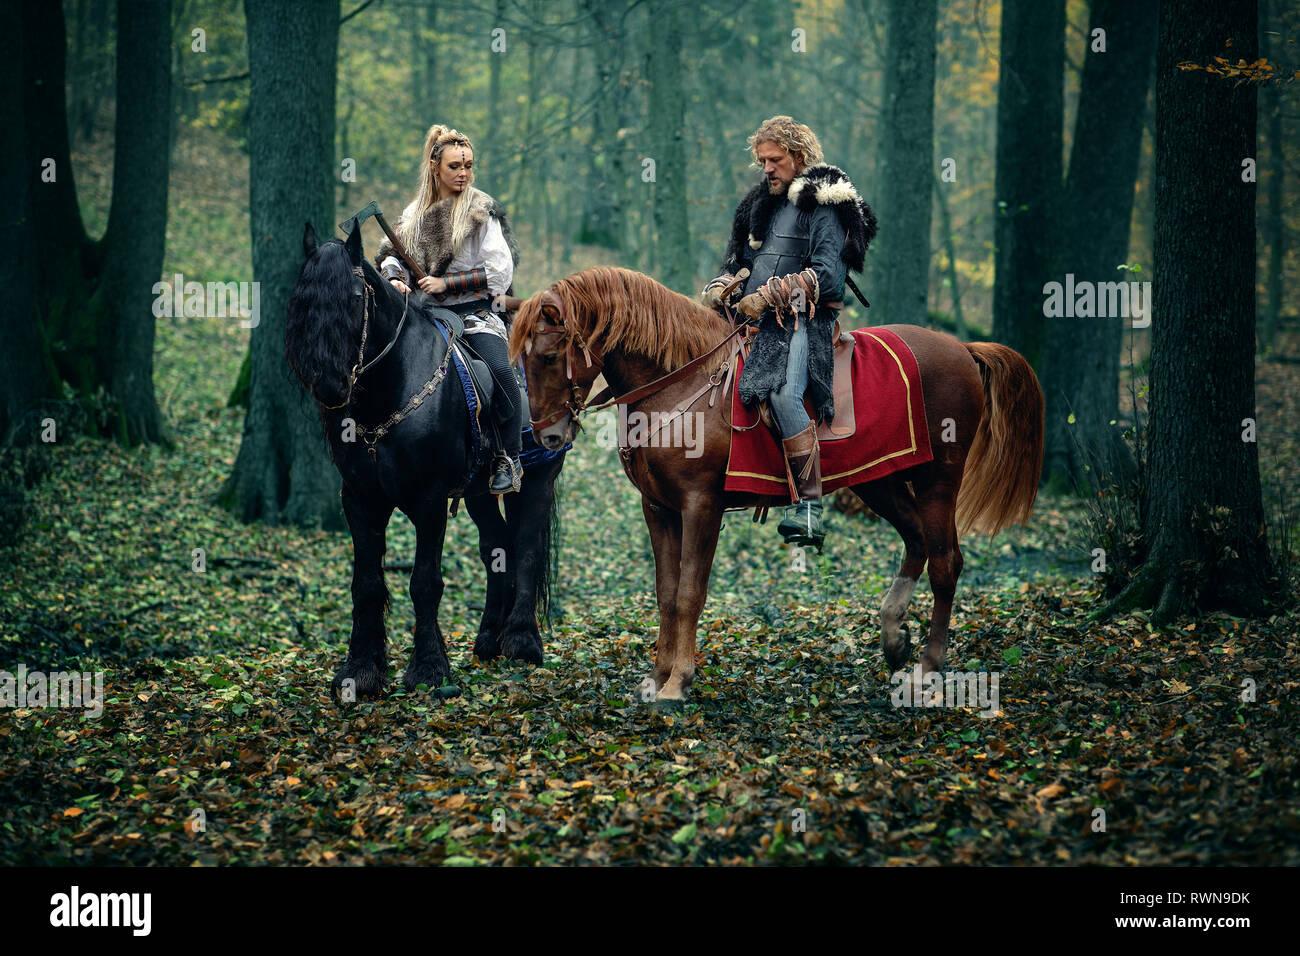 Mann mit pferden sucht frau